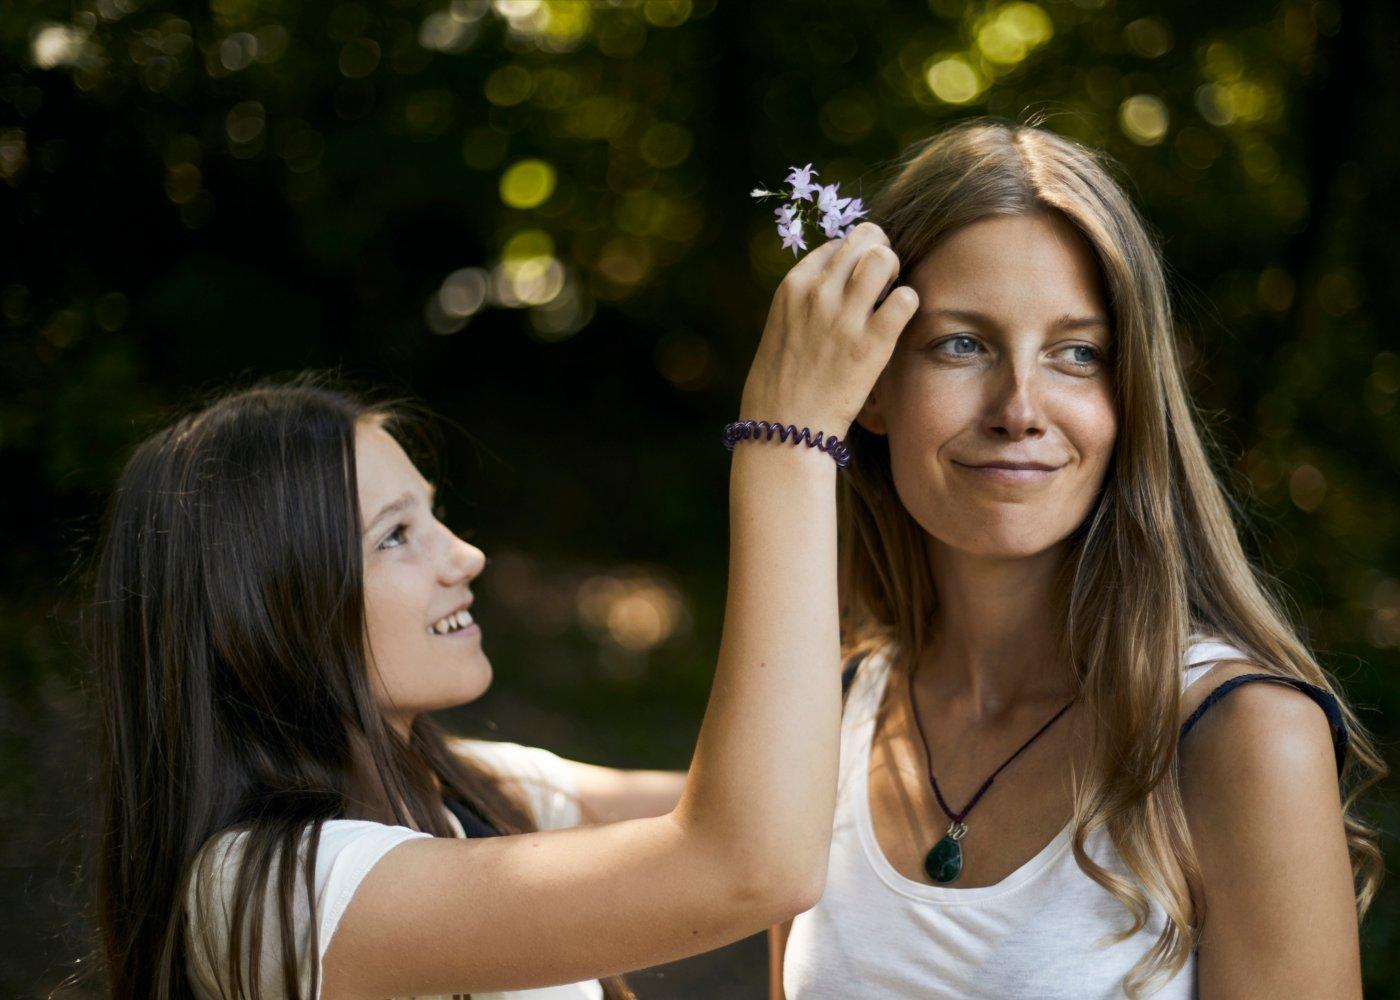 Filha a enfeitar o cabelo da mãe com flores